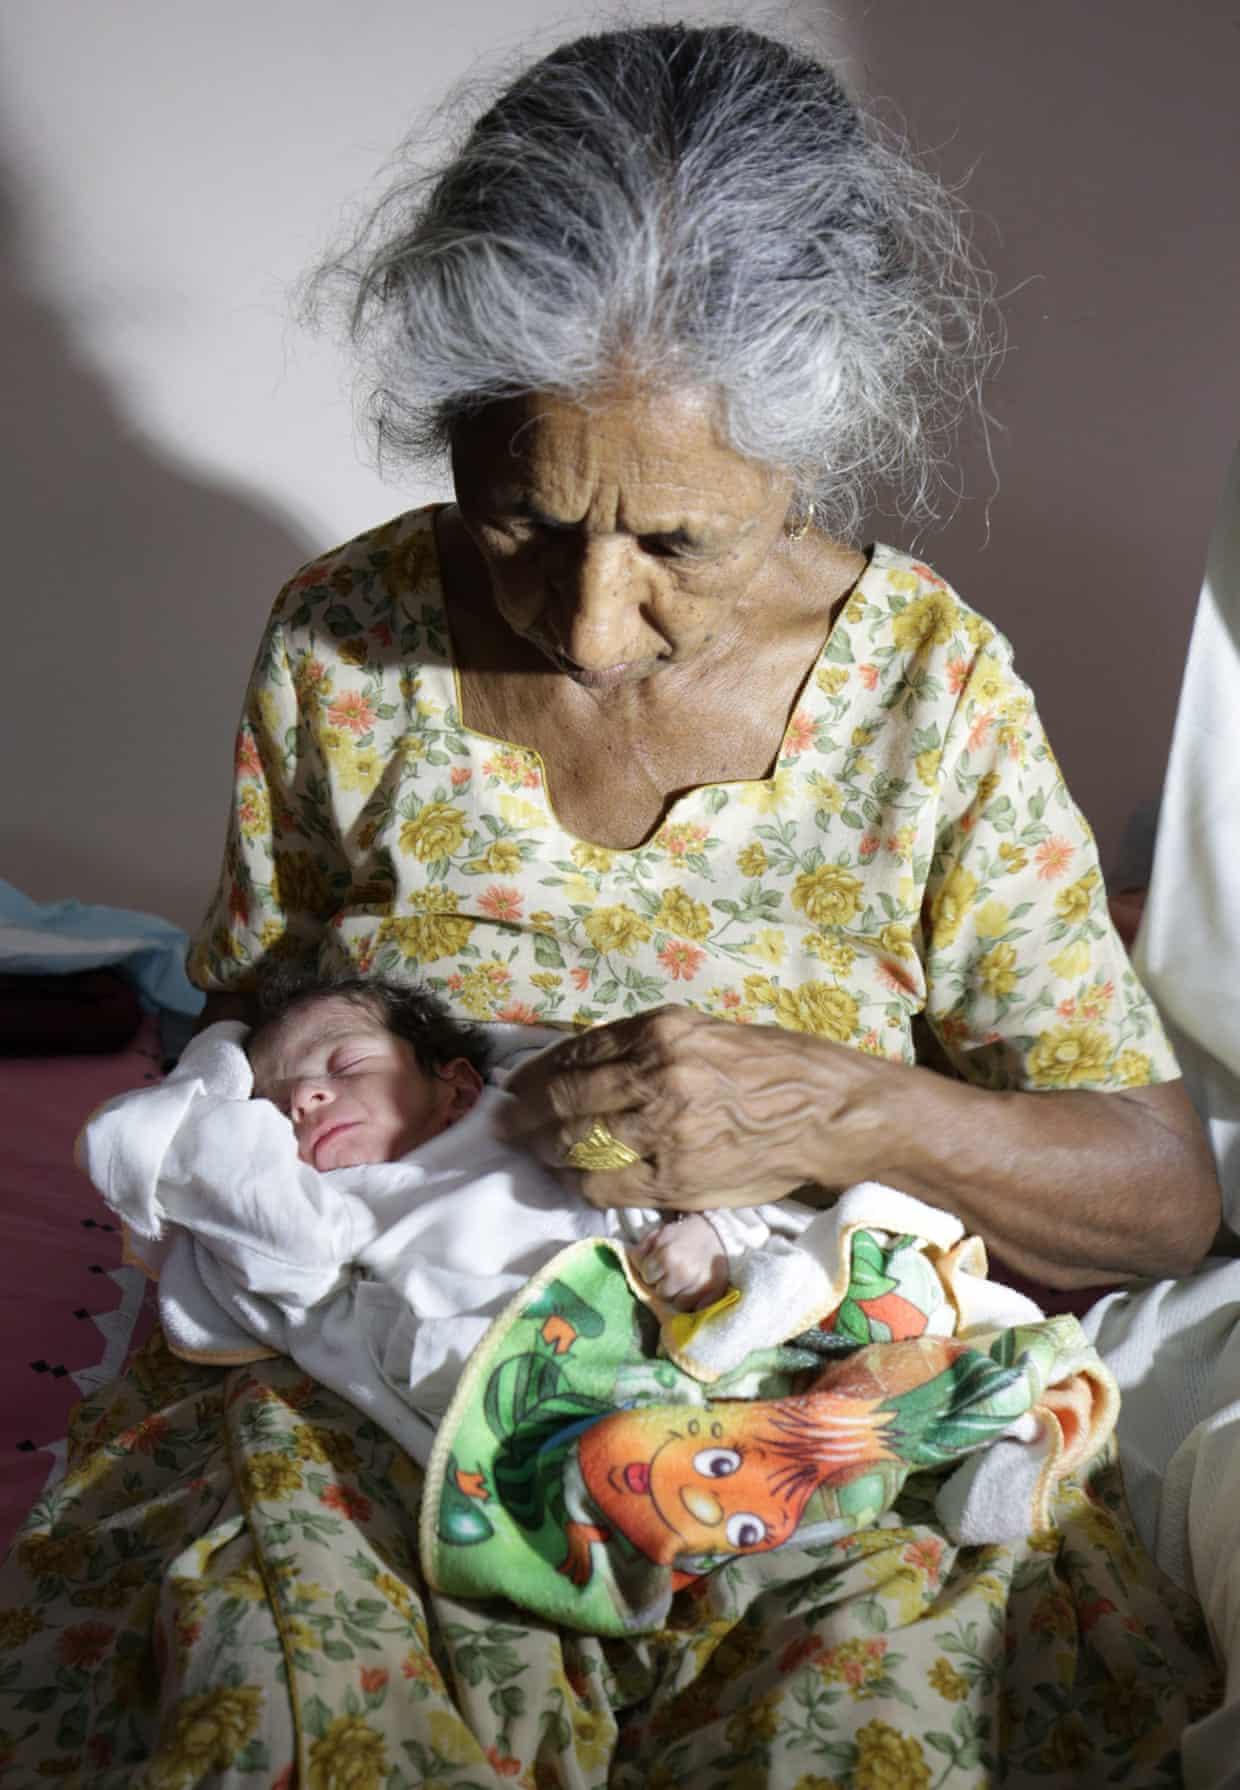 Une femme donne naissance à un bébé à l'âge de 72 ans